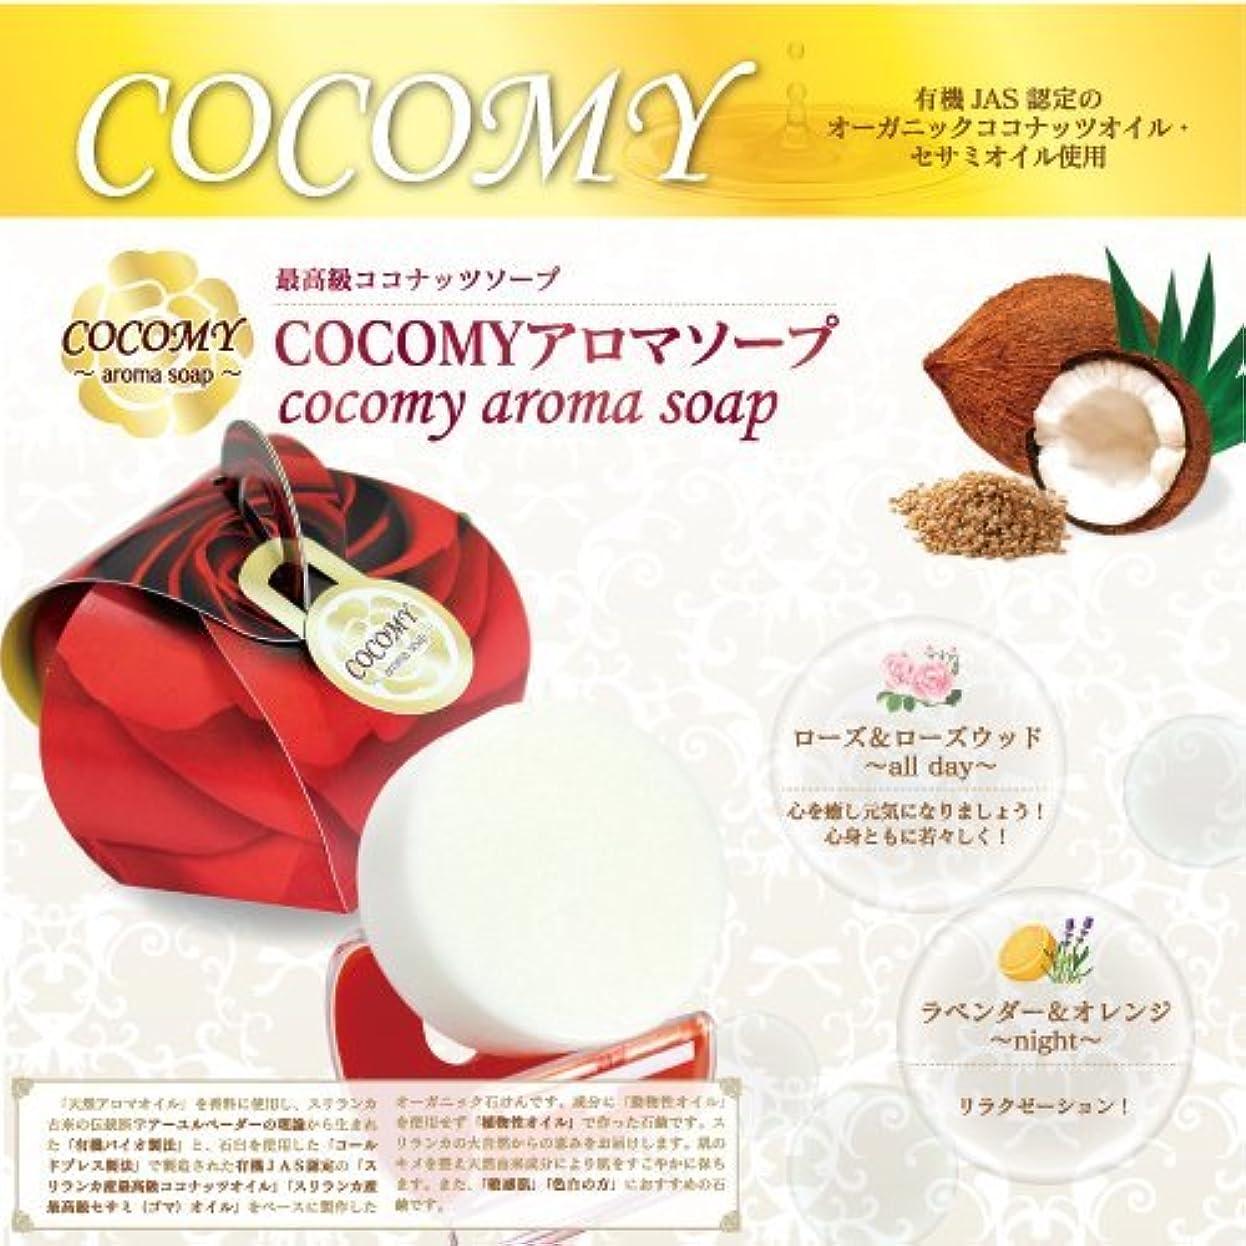 スマッシュ吸収宗教COCOMY aromaソープ 4個セット (ラベンダー&オレンジ)(ローズ&ローズウッド) 40g×各2